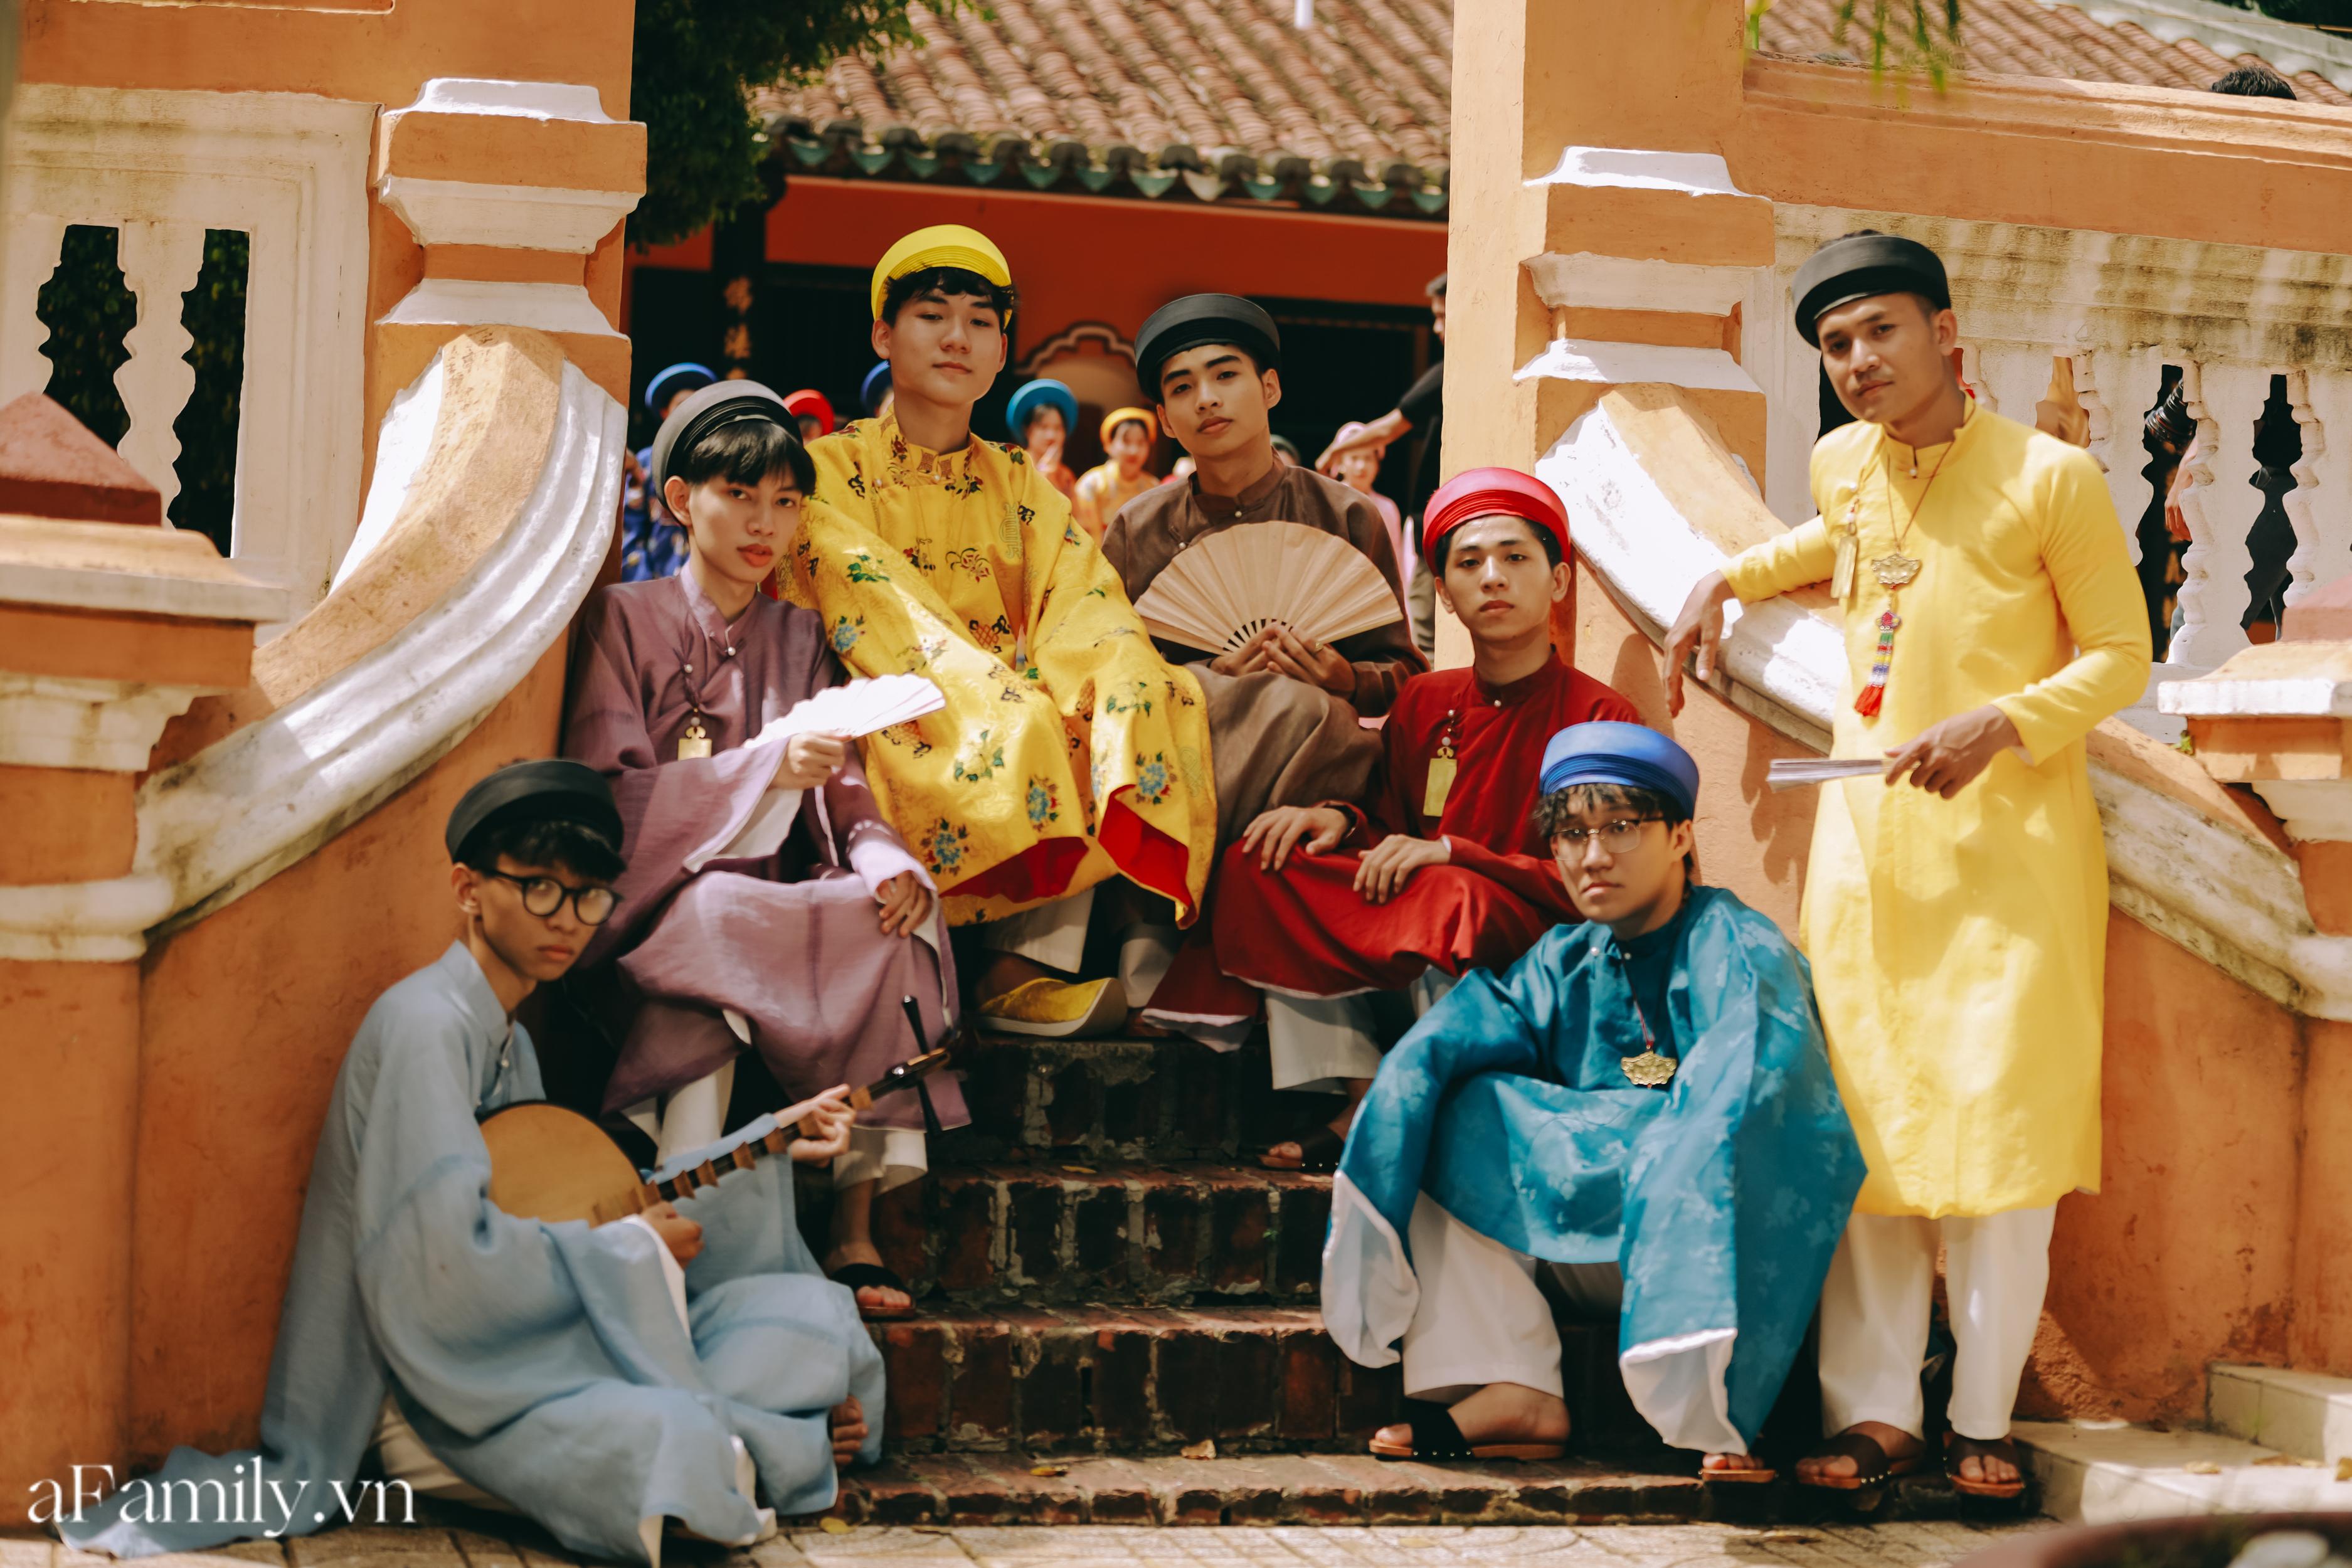 """Nhóm học sinh cấp 3 tìm về nét đẹp truyền thống, diện nguyên dàn cổ phục Việt chụp ảnh kỷ yếu, nhanh chóng thành tạo """"hot trend"""" trên mạng xã hội - Ảnh 9."""